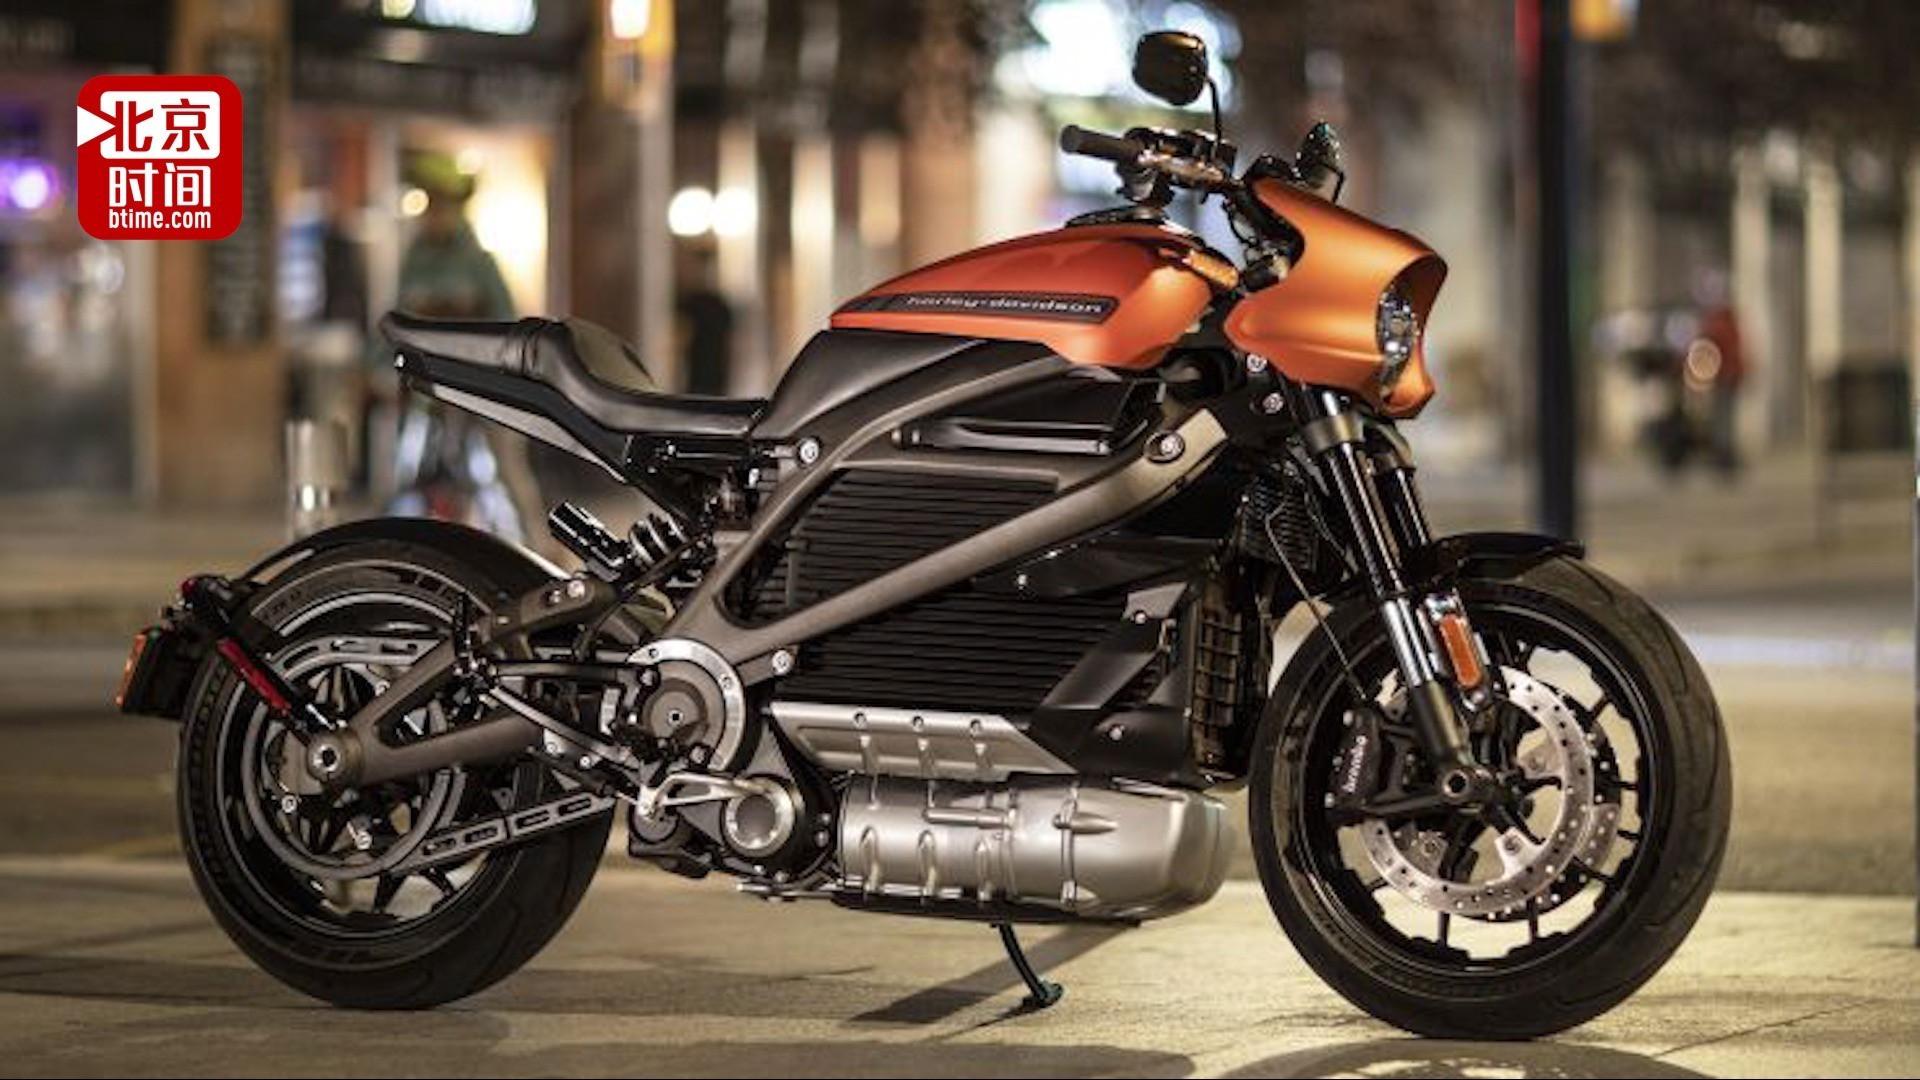 电动化蒙阴影 近3万美元的哈雷电动摩托车已暂停生产和交付